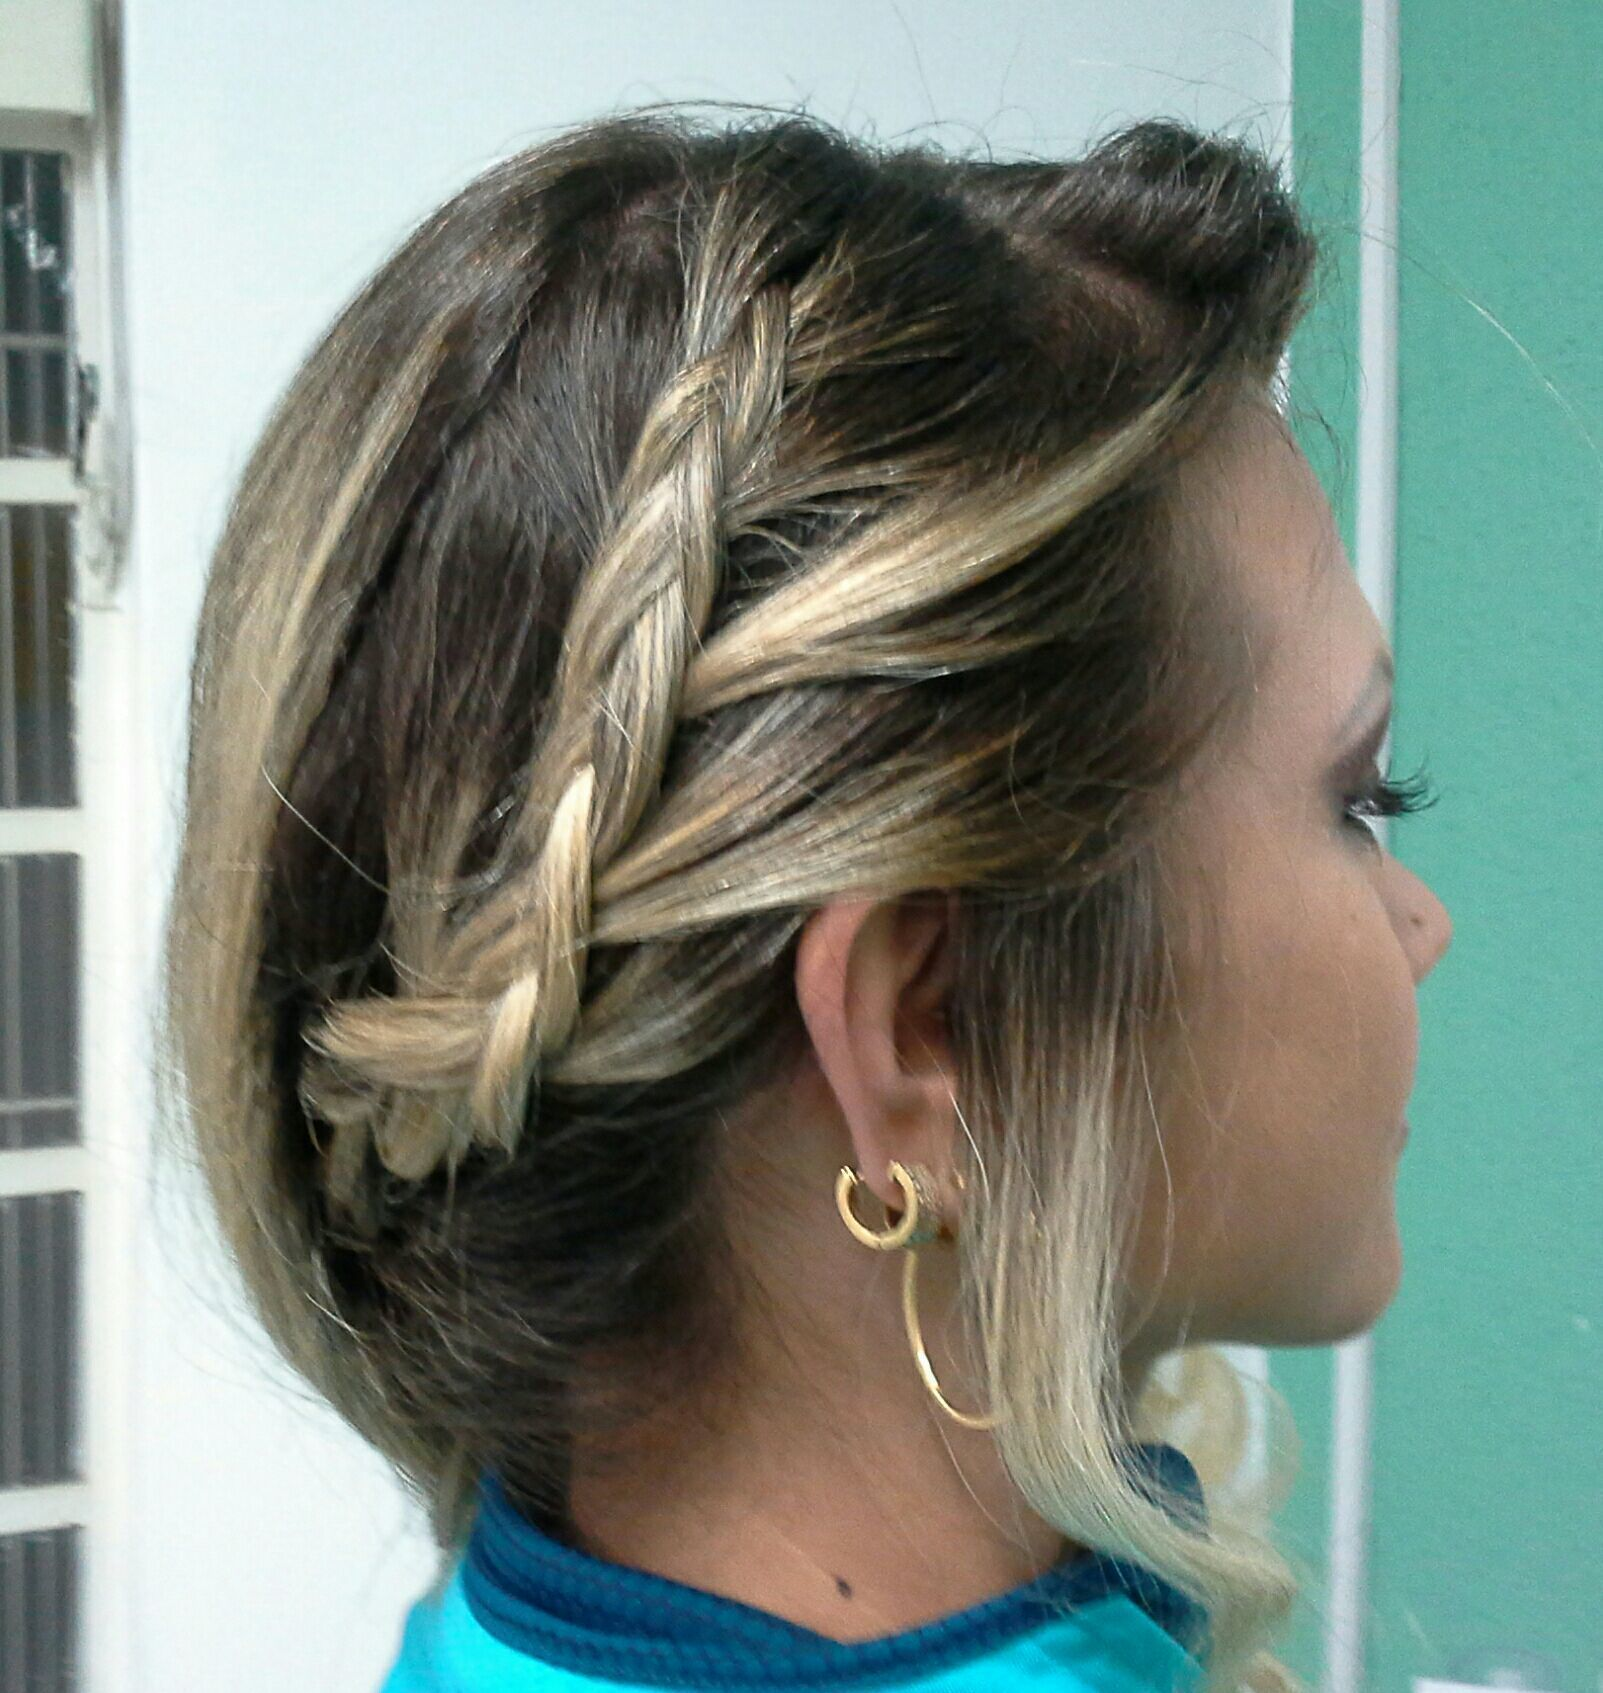 Penteado ,maquiagem  de festa cabelo stylist / visagista cabeleireiro(a)